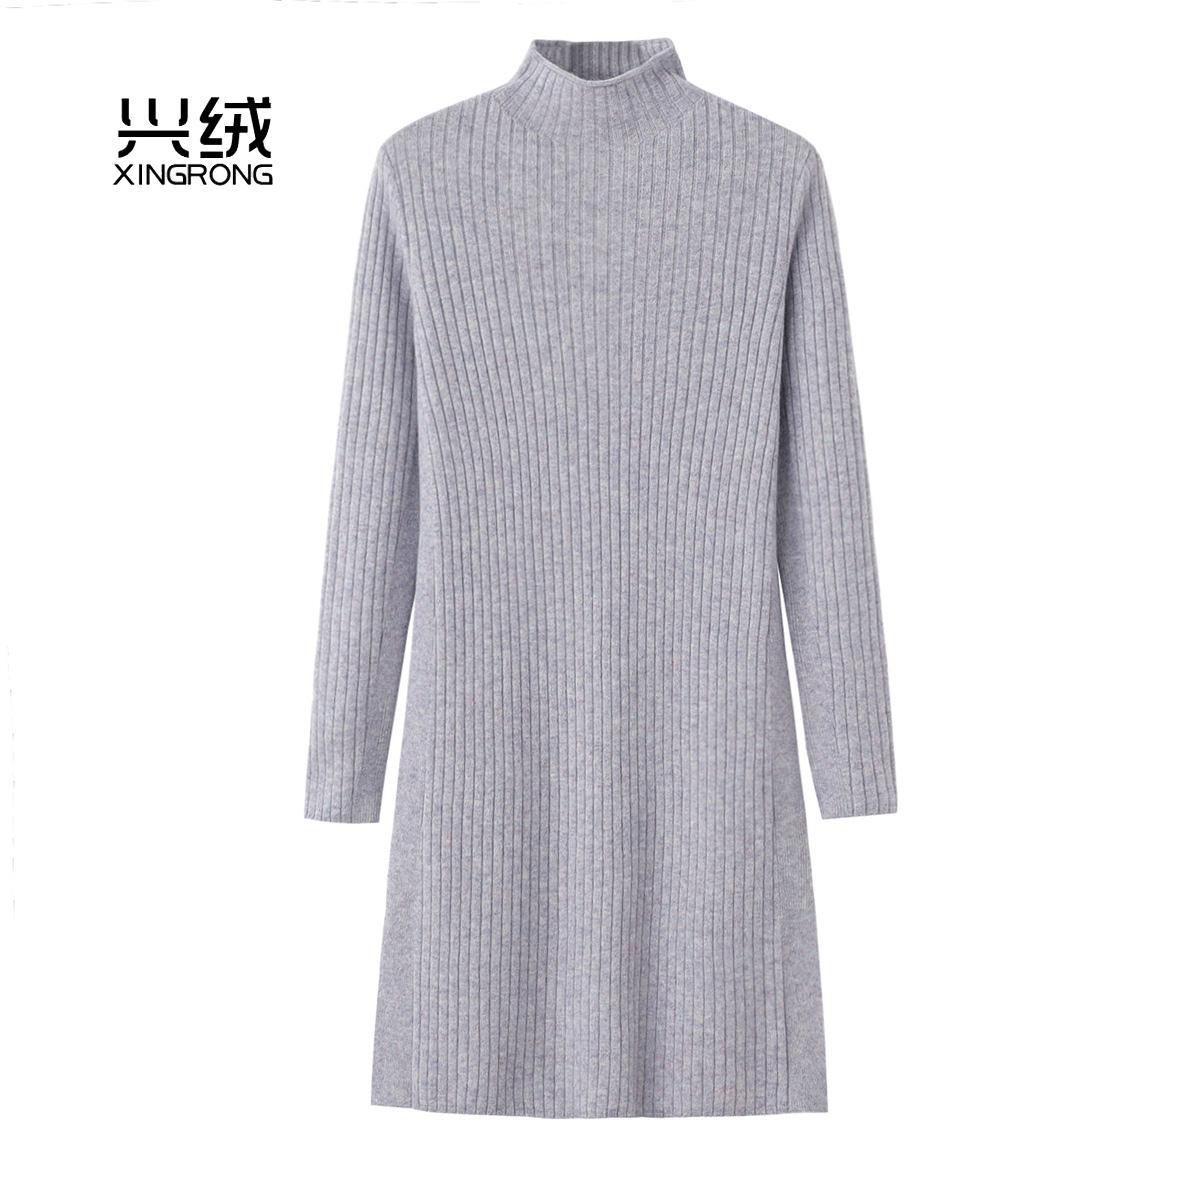 女装中长款羊绒衫女式半高领抽条针织条纹开叉连衣裙韩版修身毛衣